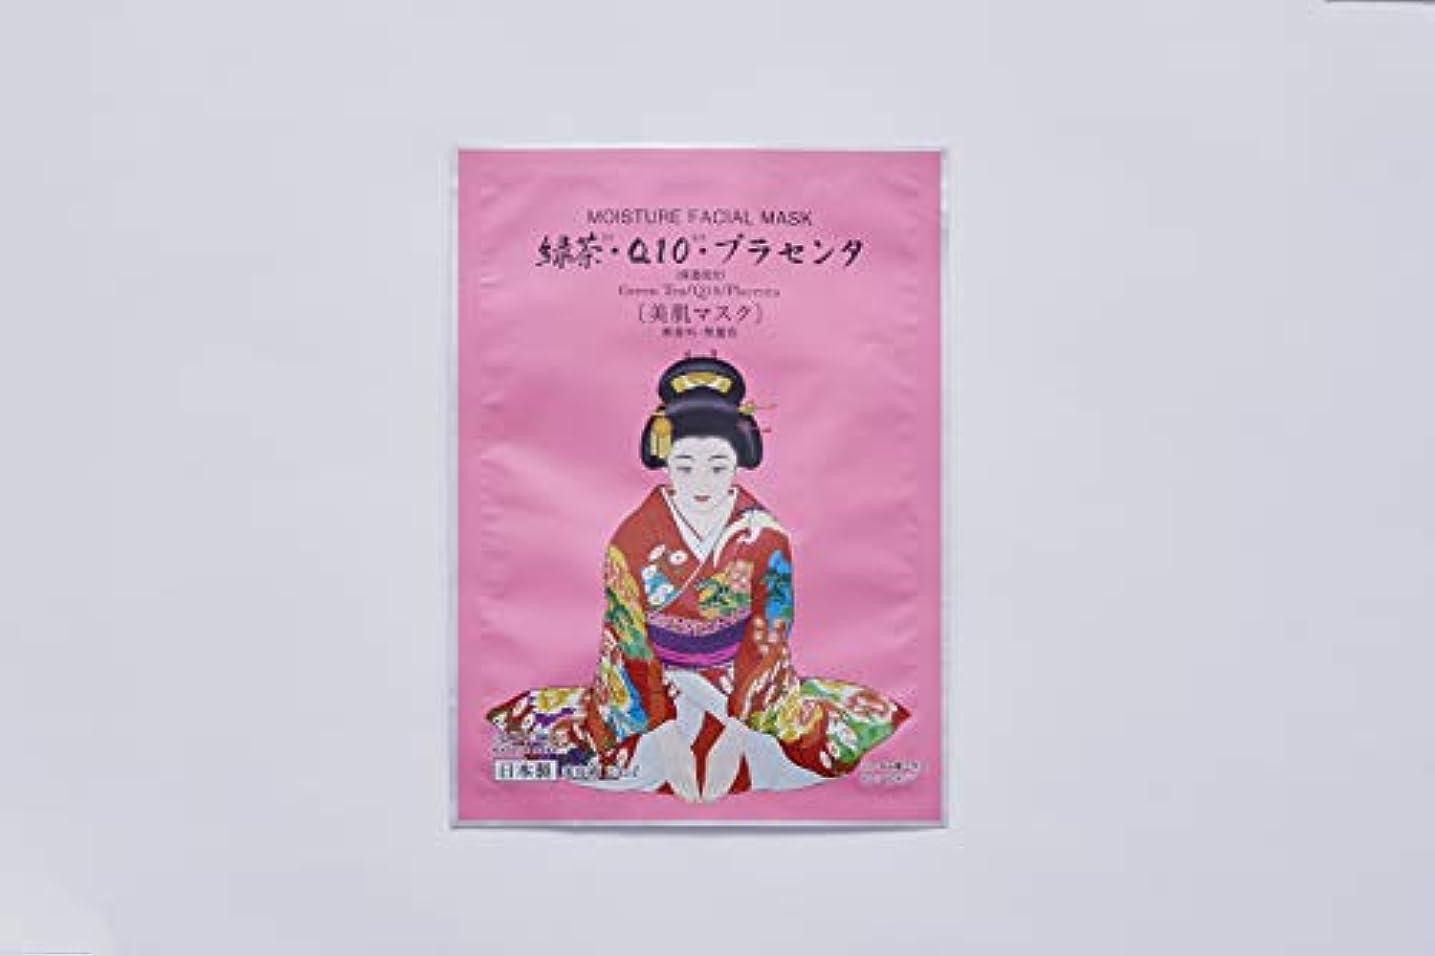 愛粧堂 舞妓マスク 緑茶CoQ10プラセンタ 10枚セット